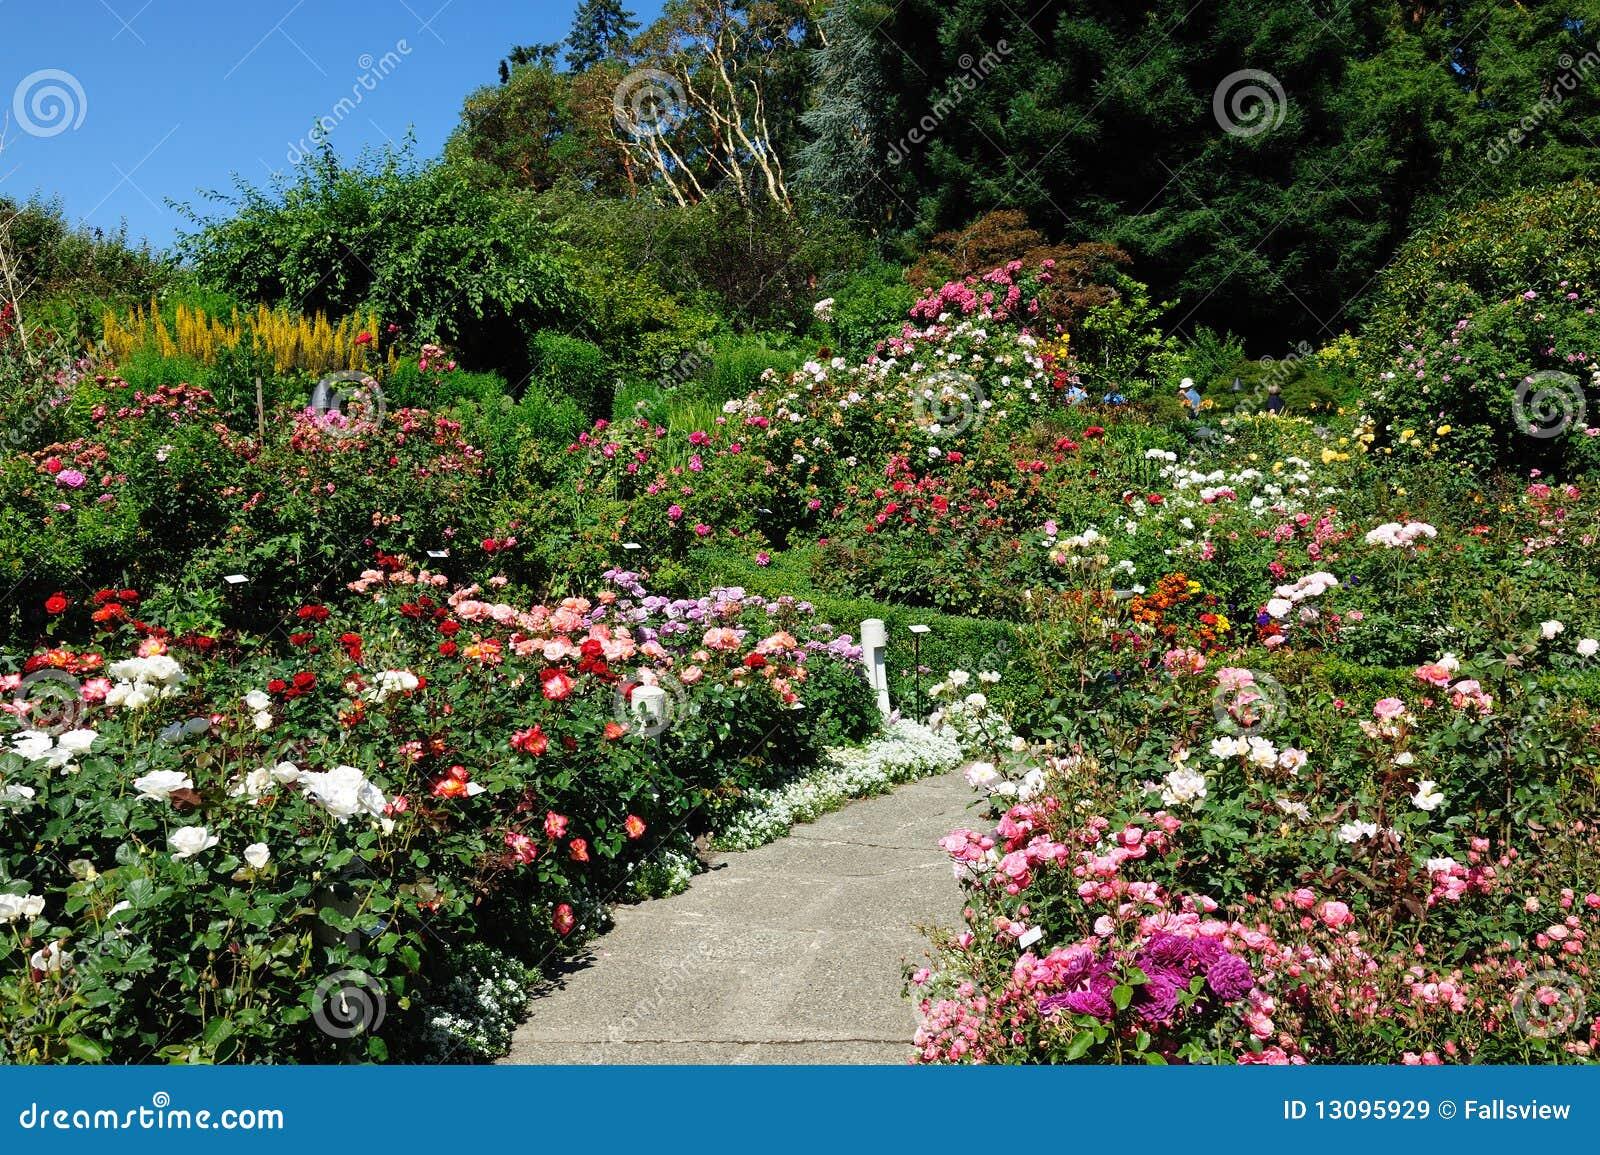 Fa il giardinaggio il percorso